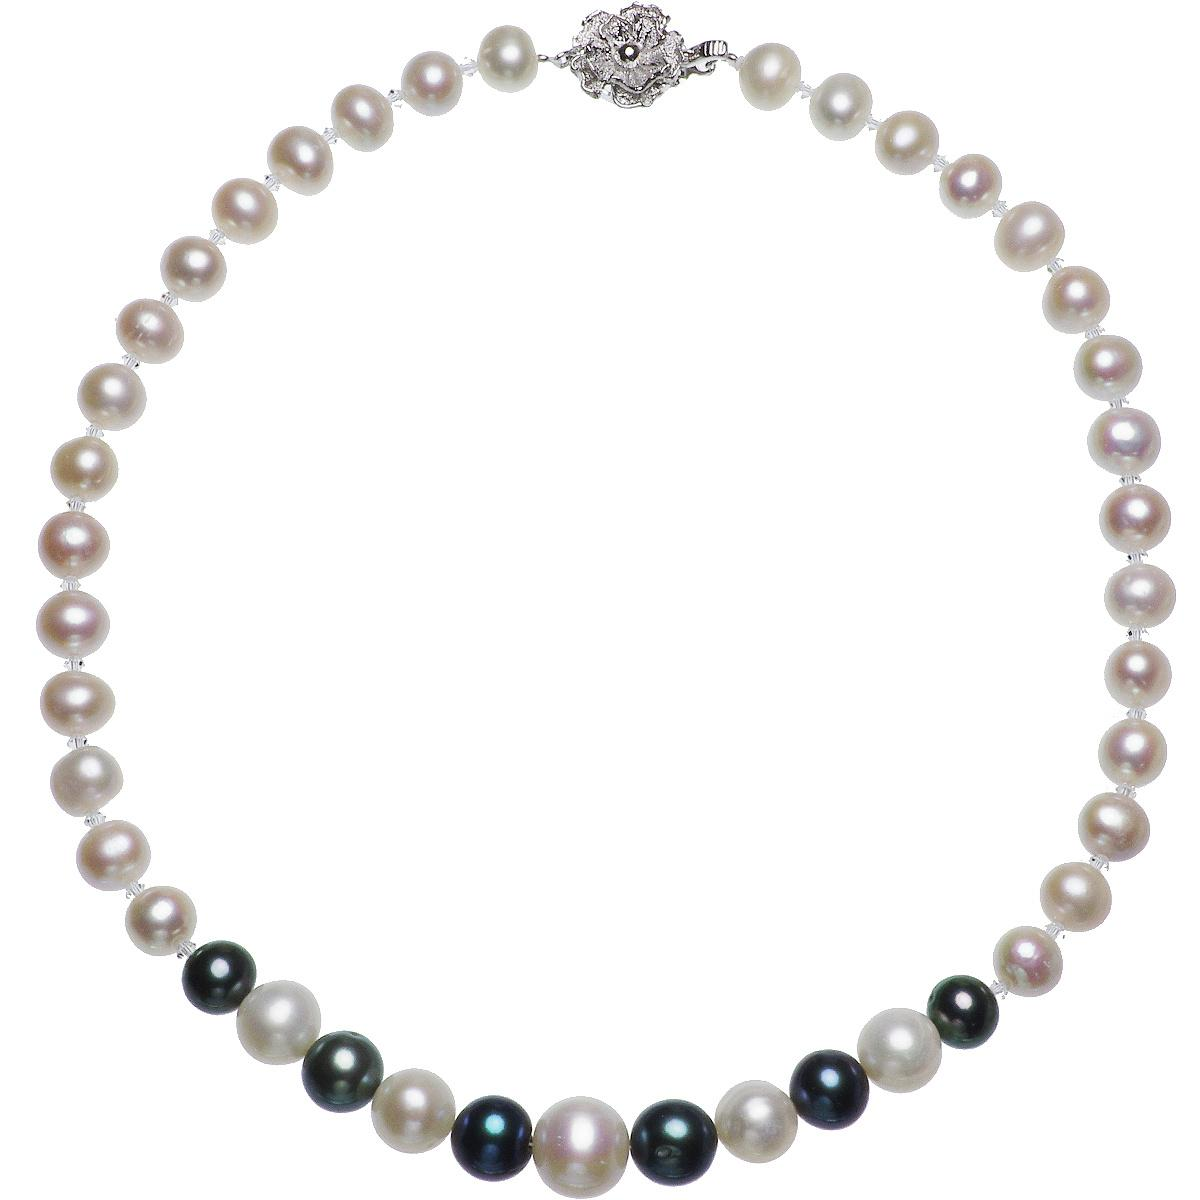 淡水真珠 グラデーション デザイン ネックレス 8.0-11.0mmの写真